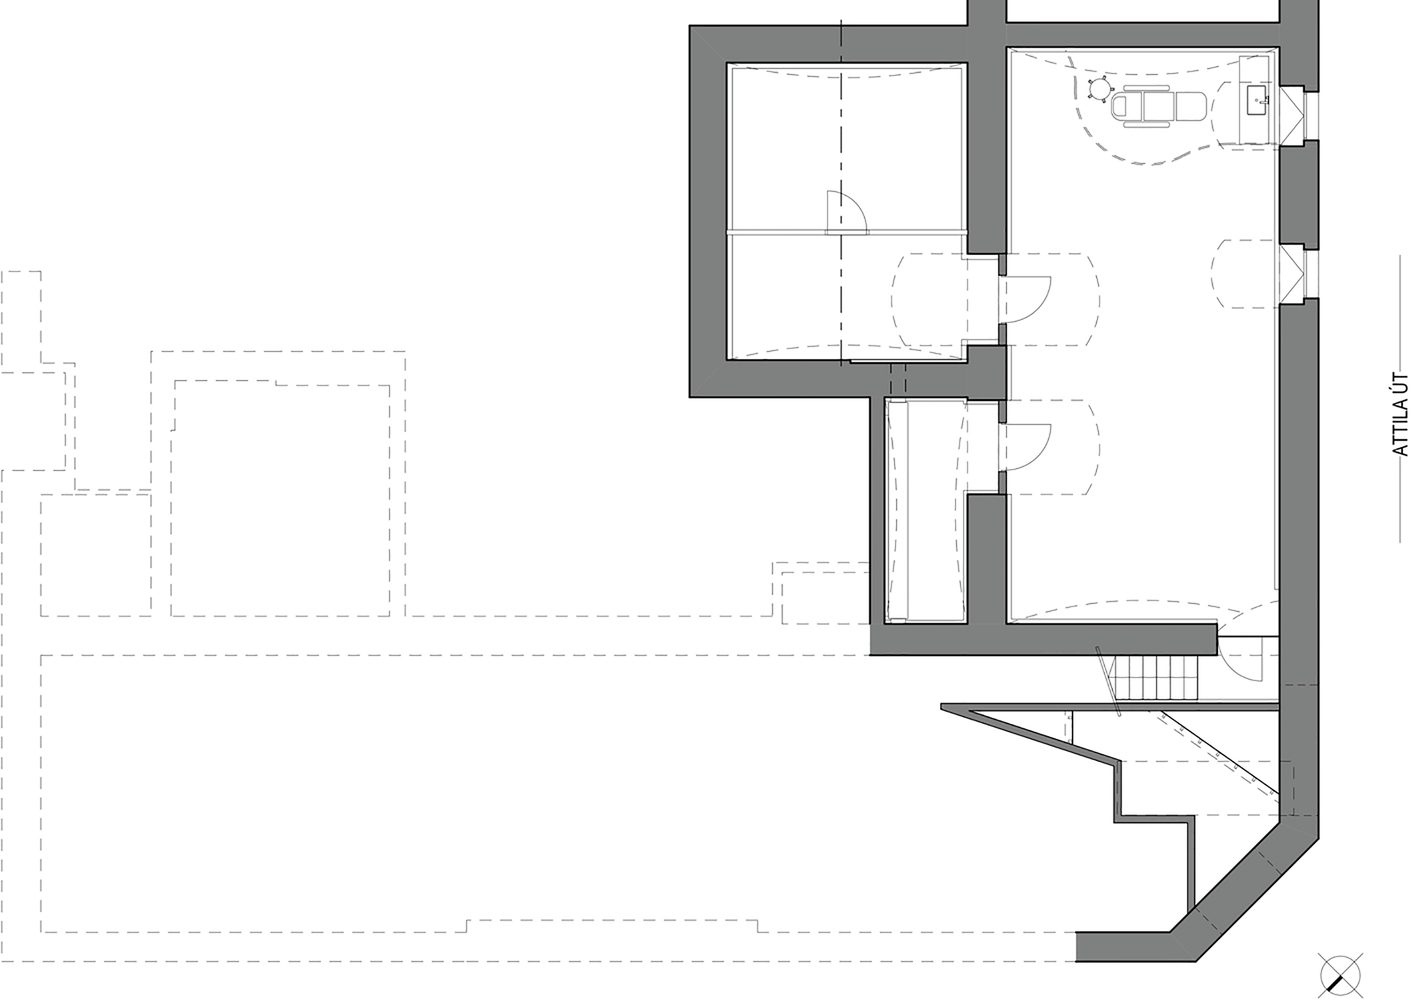 План-чертёж здания салона красоты - Фото 1